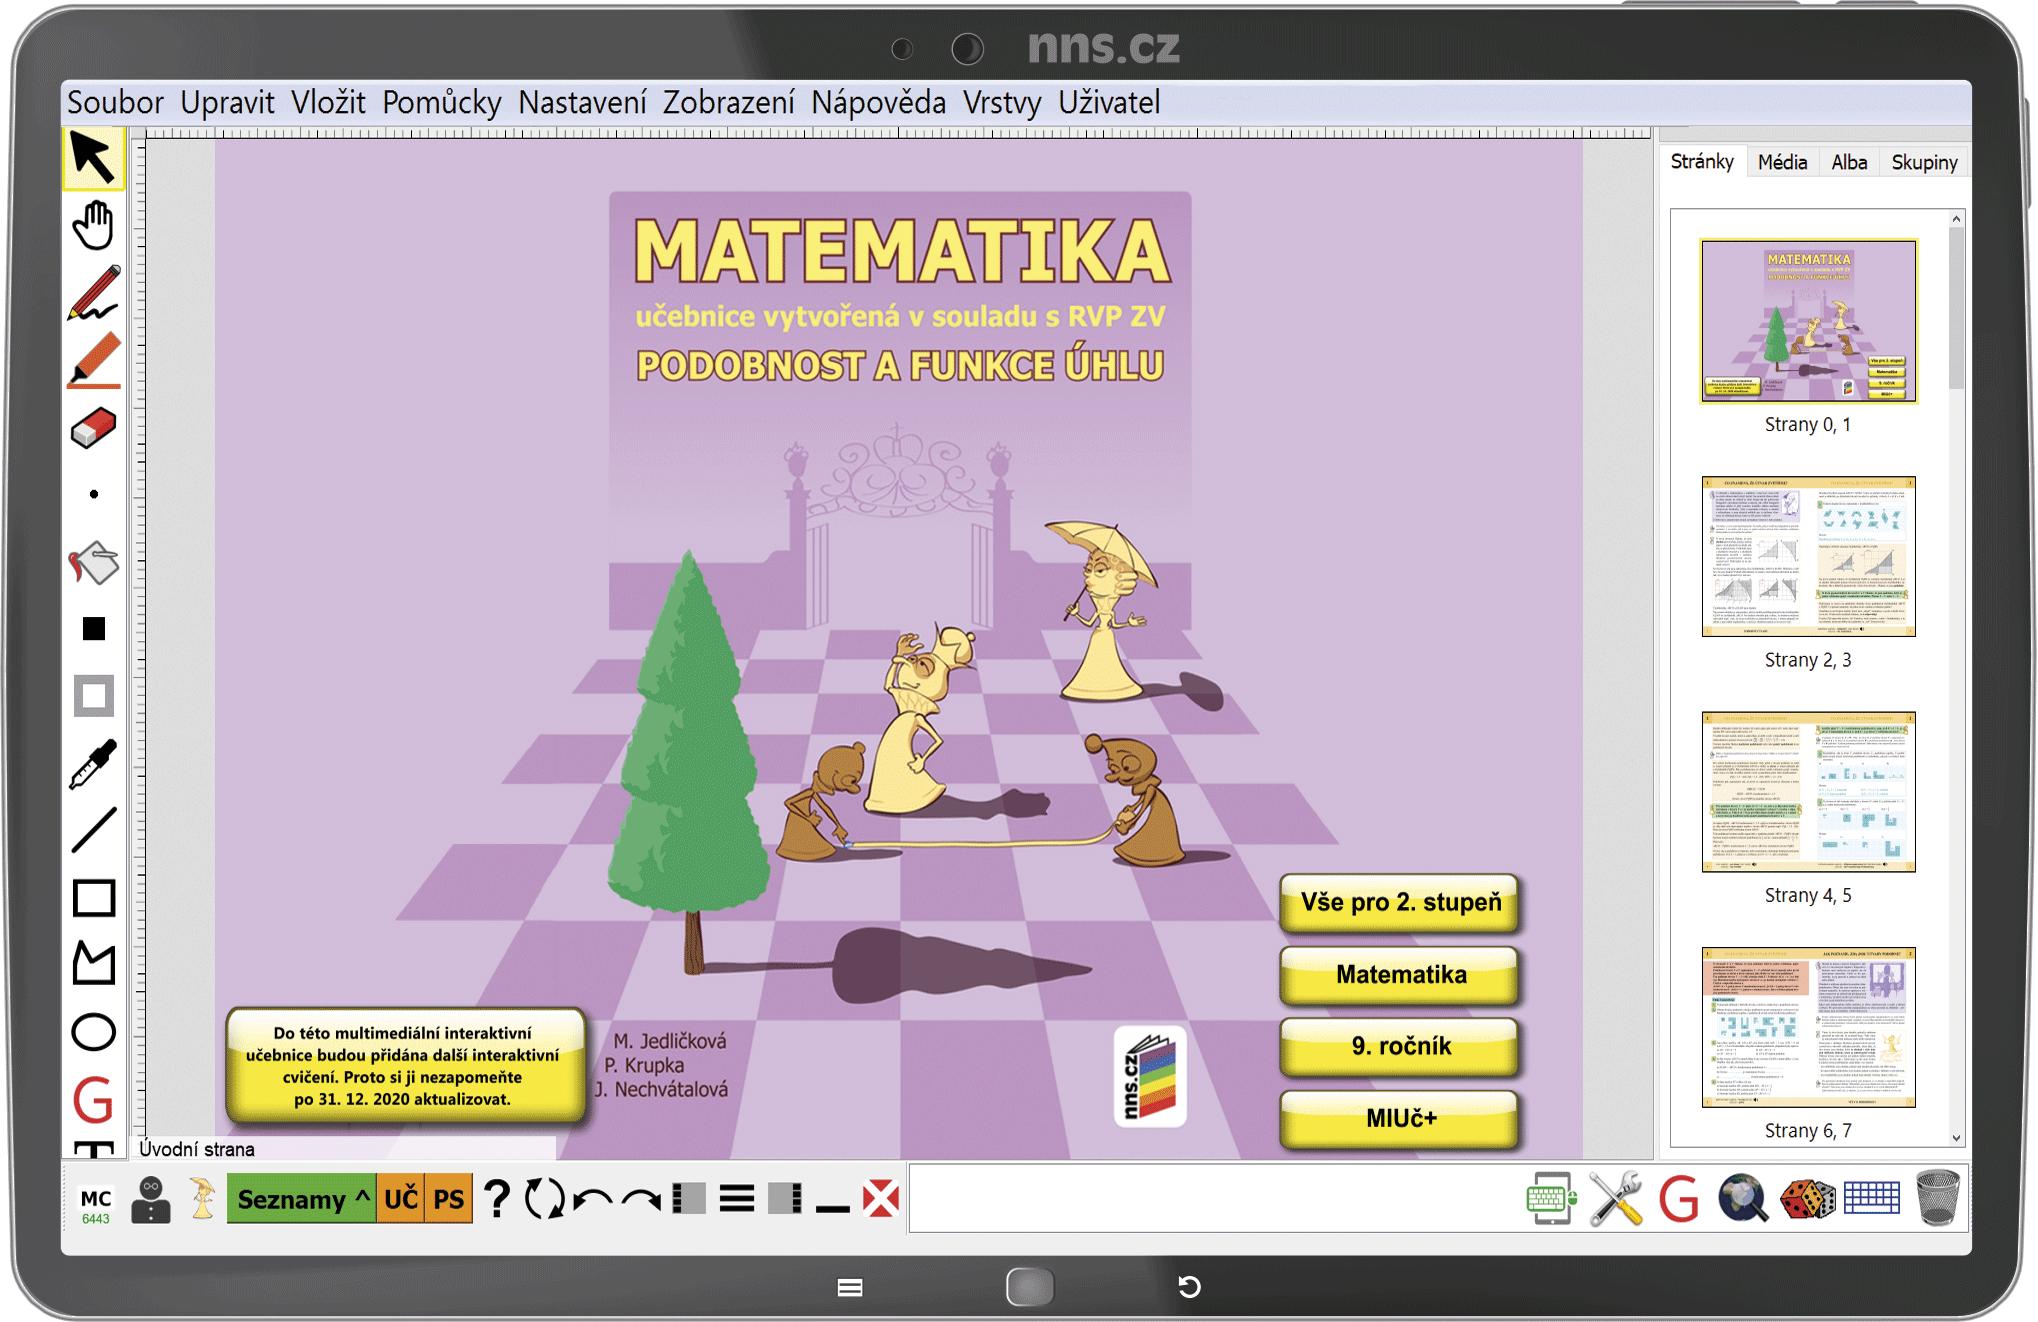 MIUč+ Matematika - Podobnost a funkce úhlu - školní multilicence na 1 školní rok